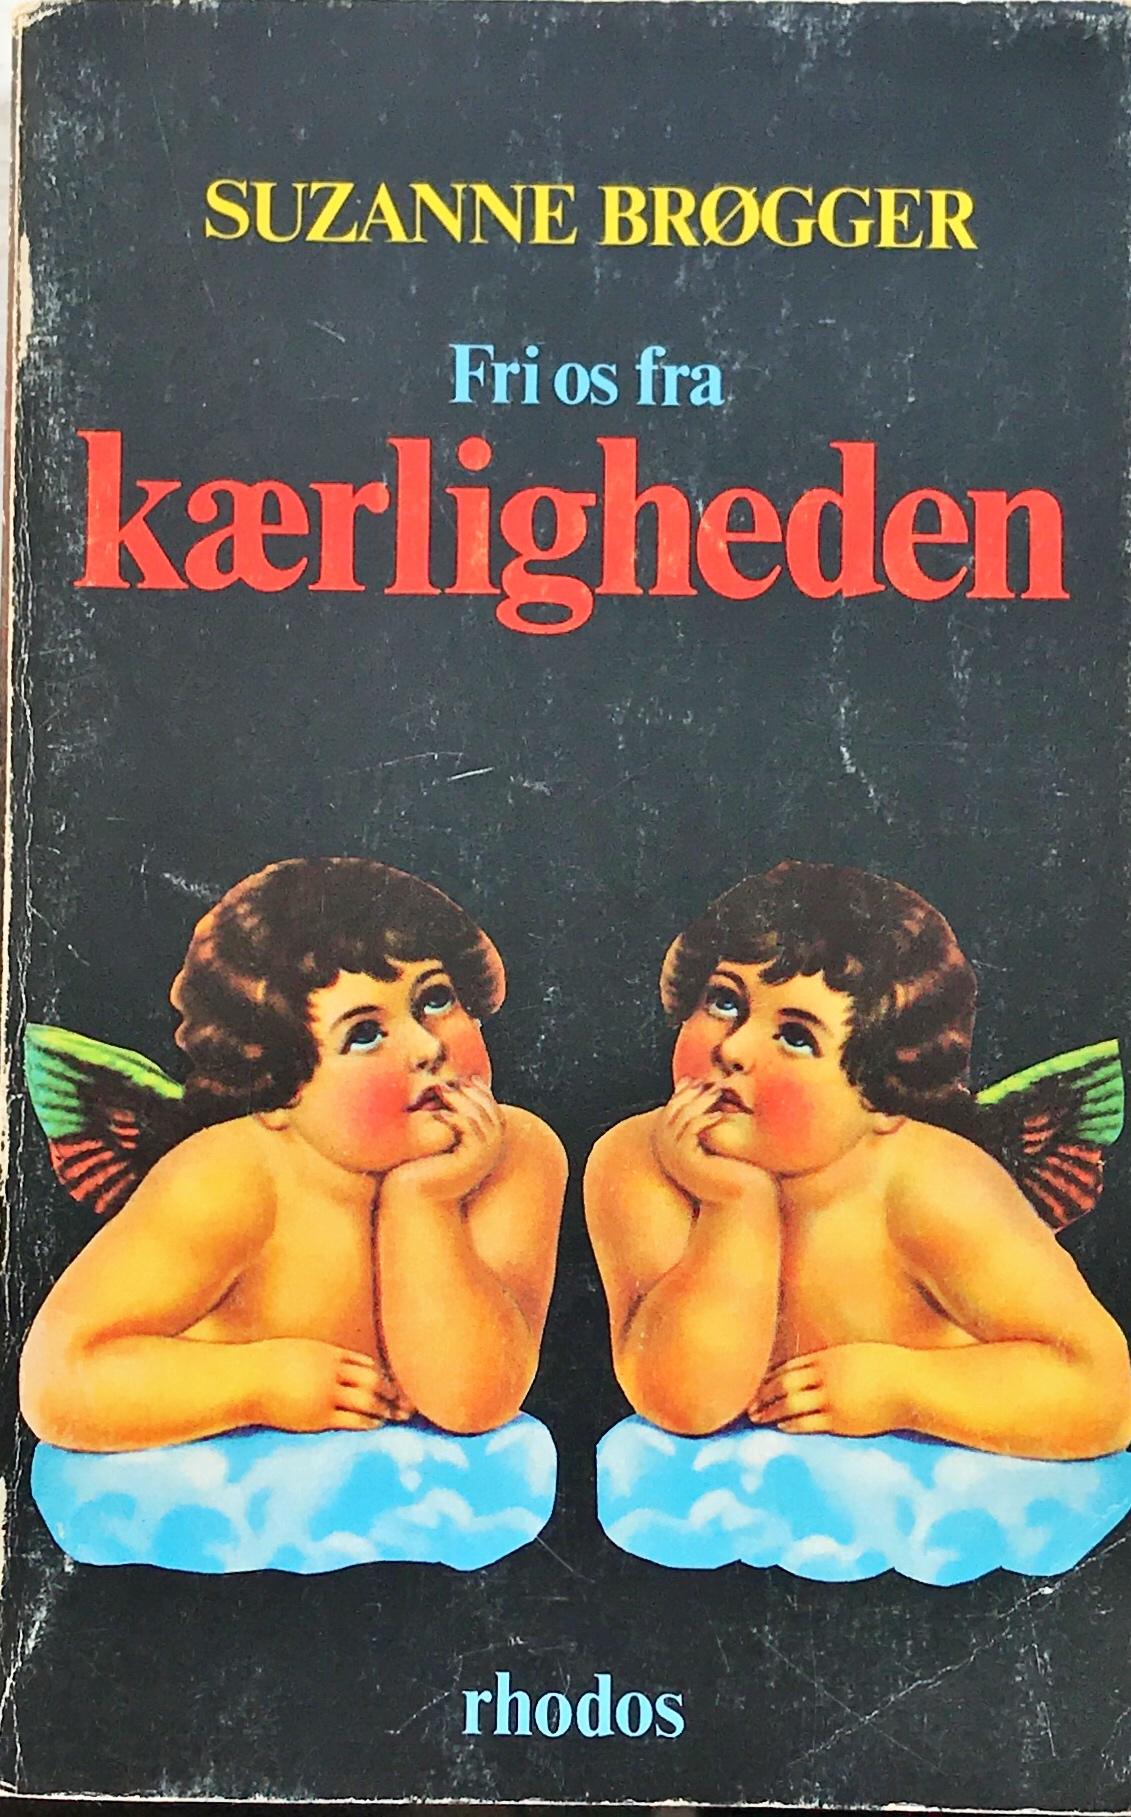 Englene stirrer på kærligheden. Cover til 'Fri os fra kærligheden', Rhodos, 5. oplag, 1975